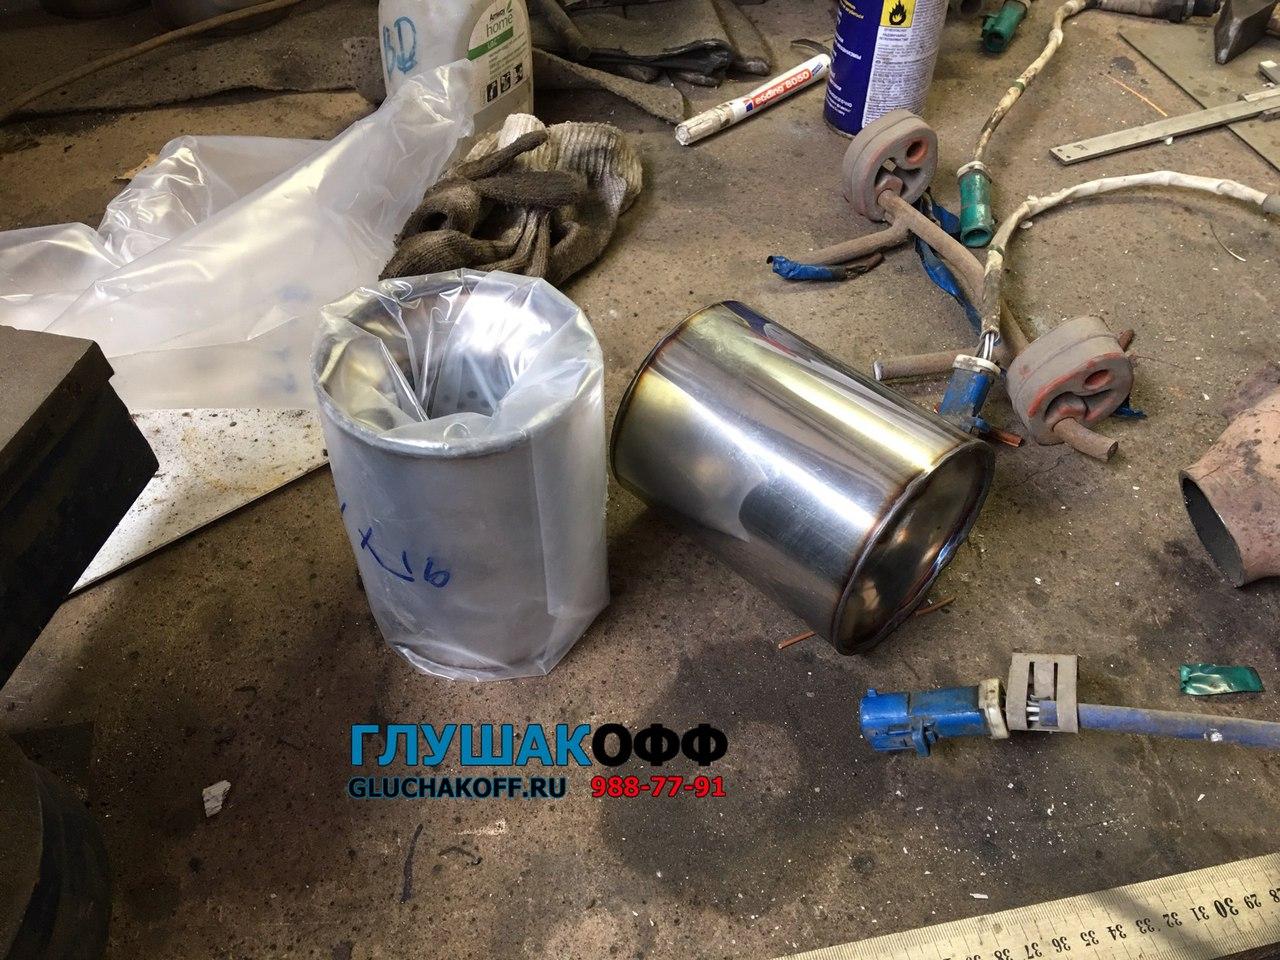 Ford C-Max Замена катализаторов на пламегасители + чип-тюнинг